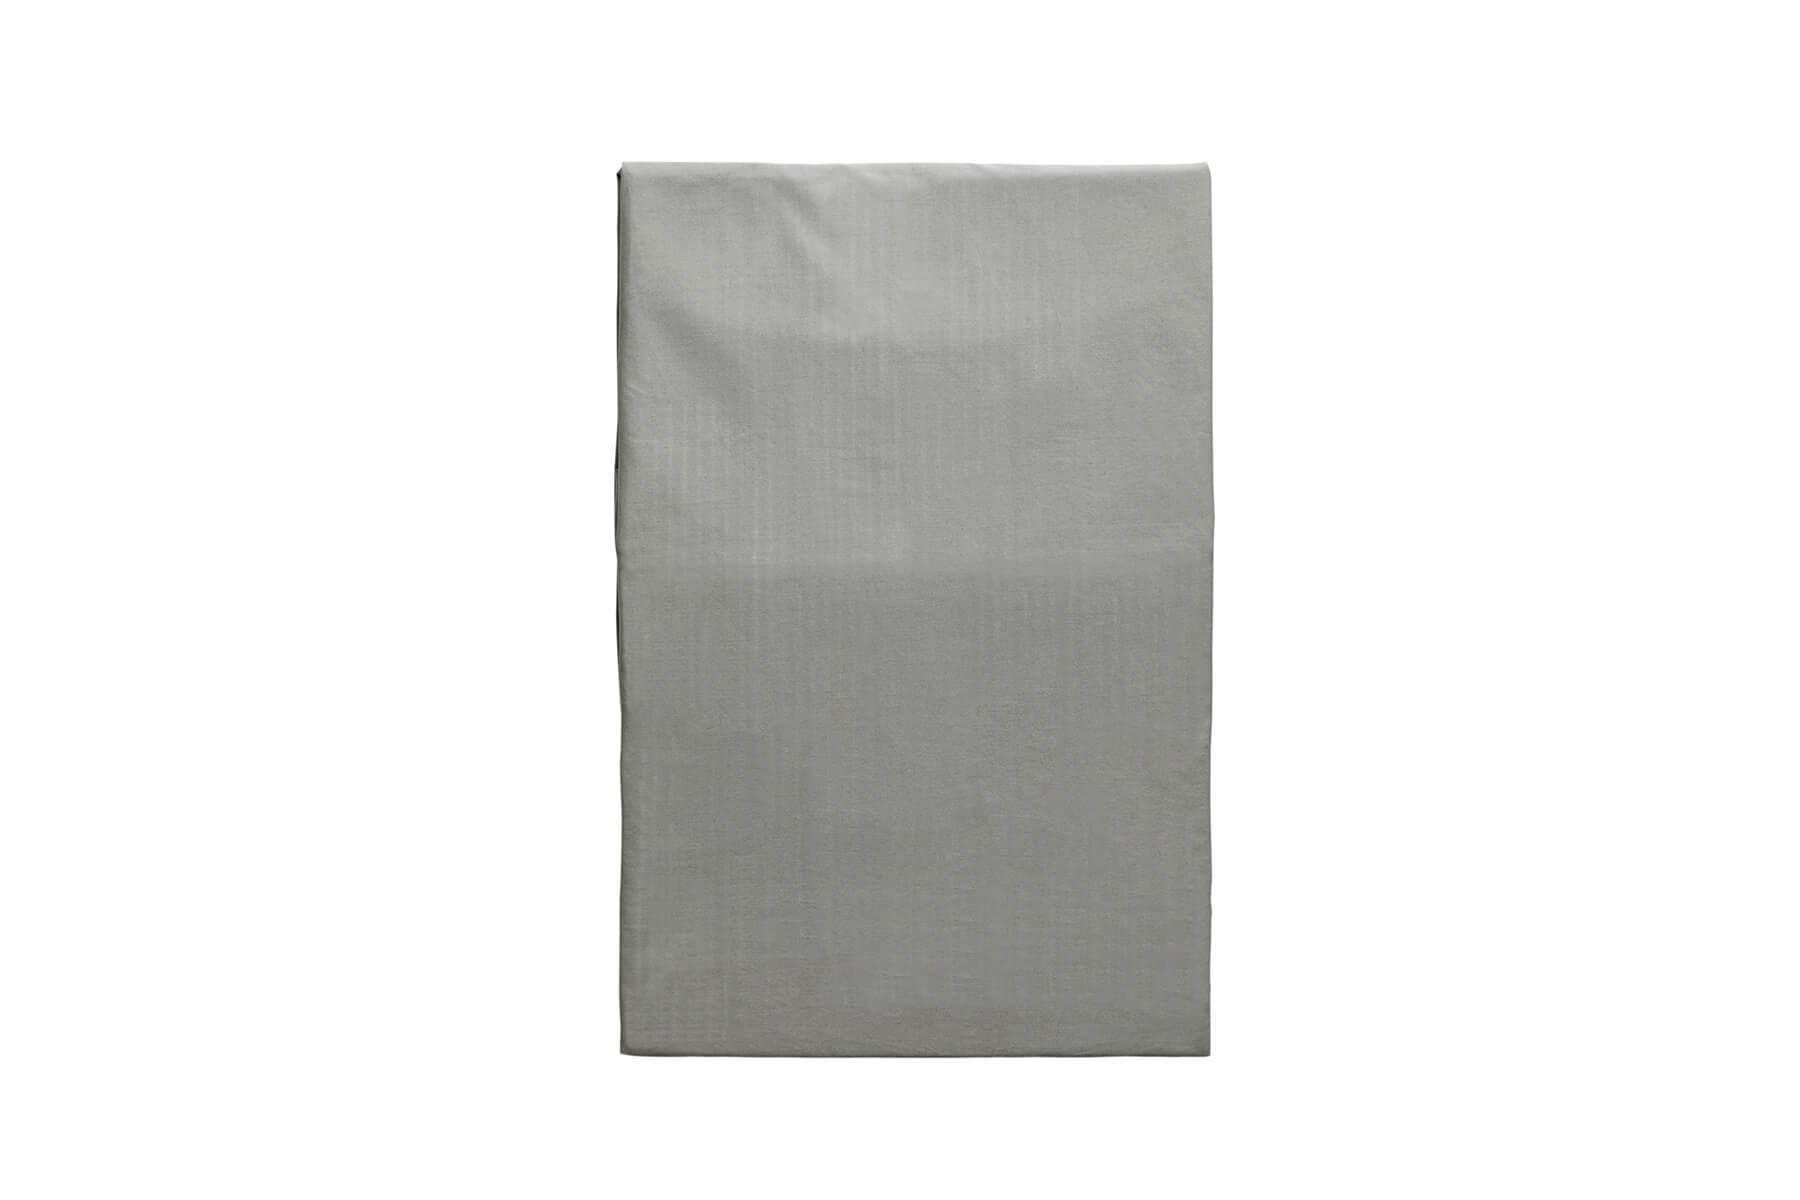 Køb Norhland kuvert splitlagen GrÃ¥ 210 x 210 cm